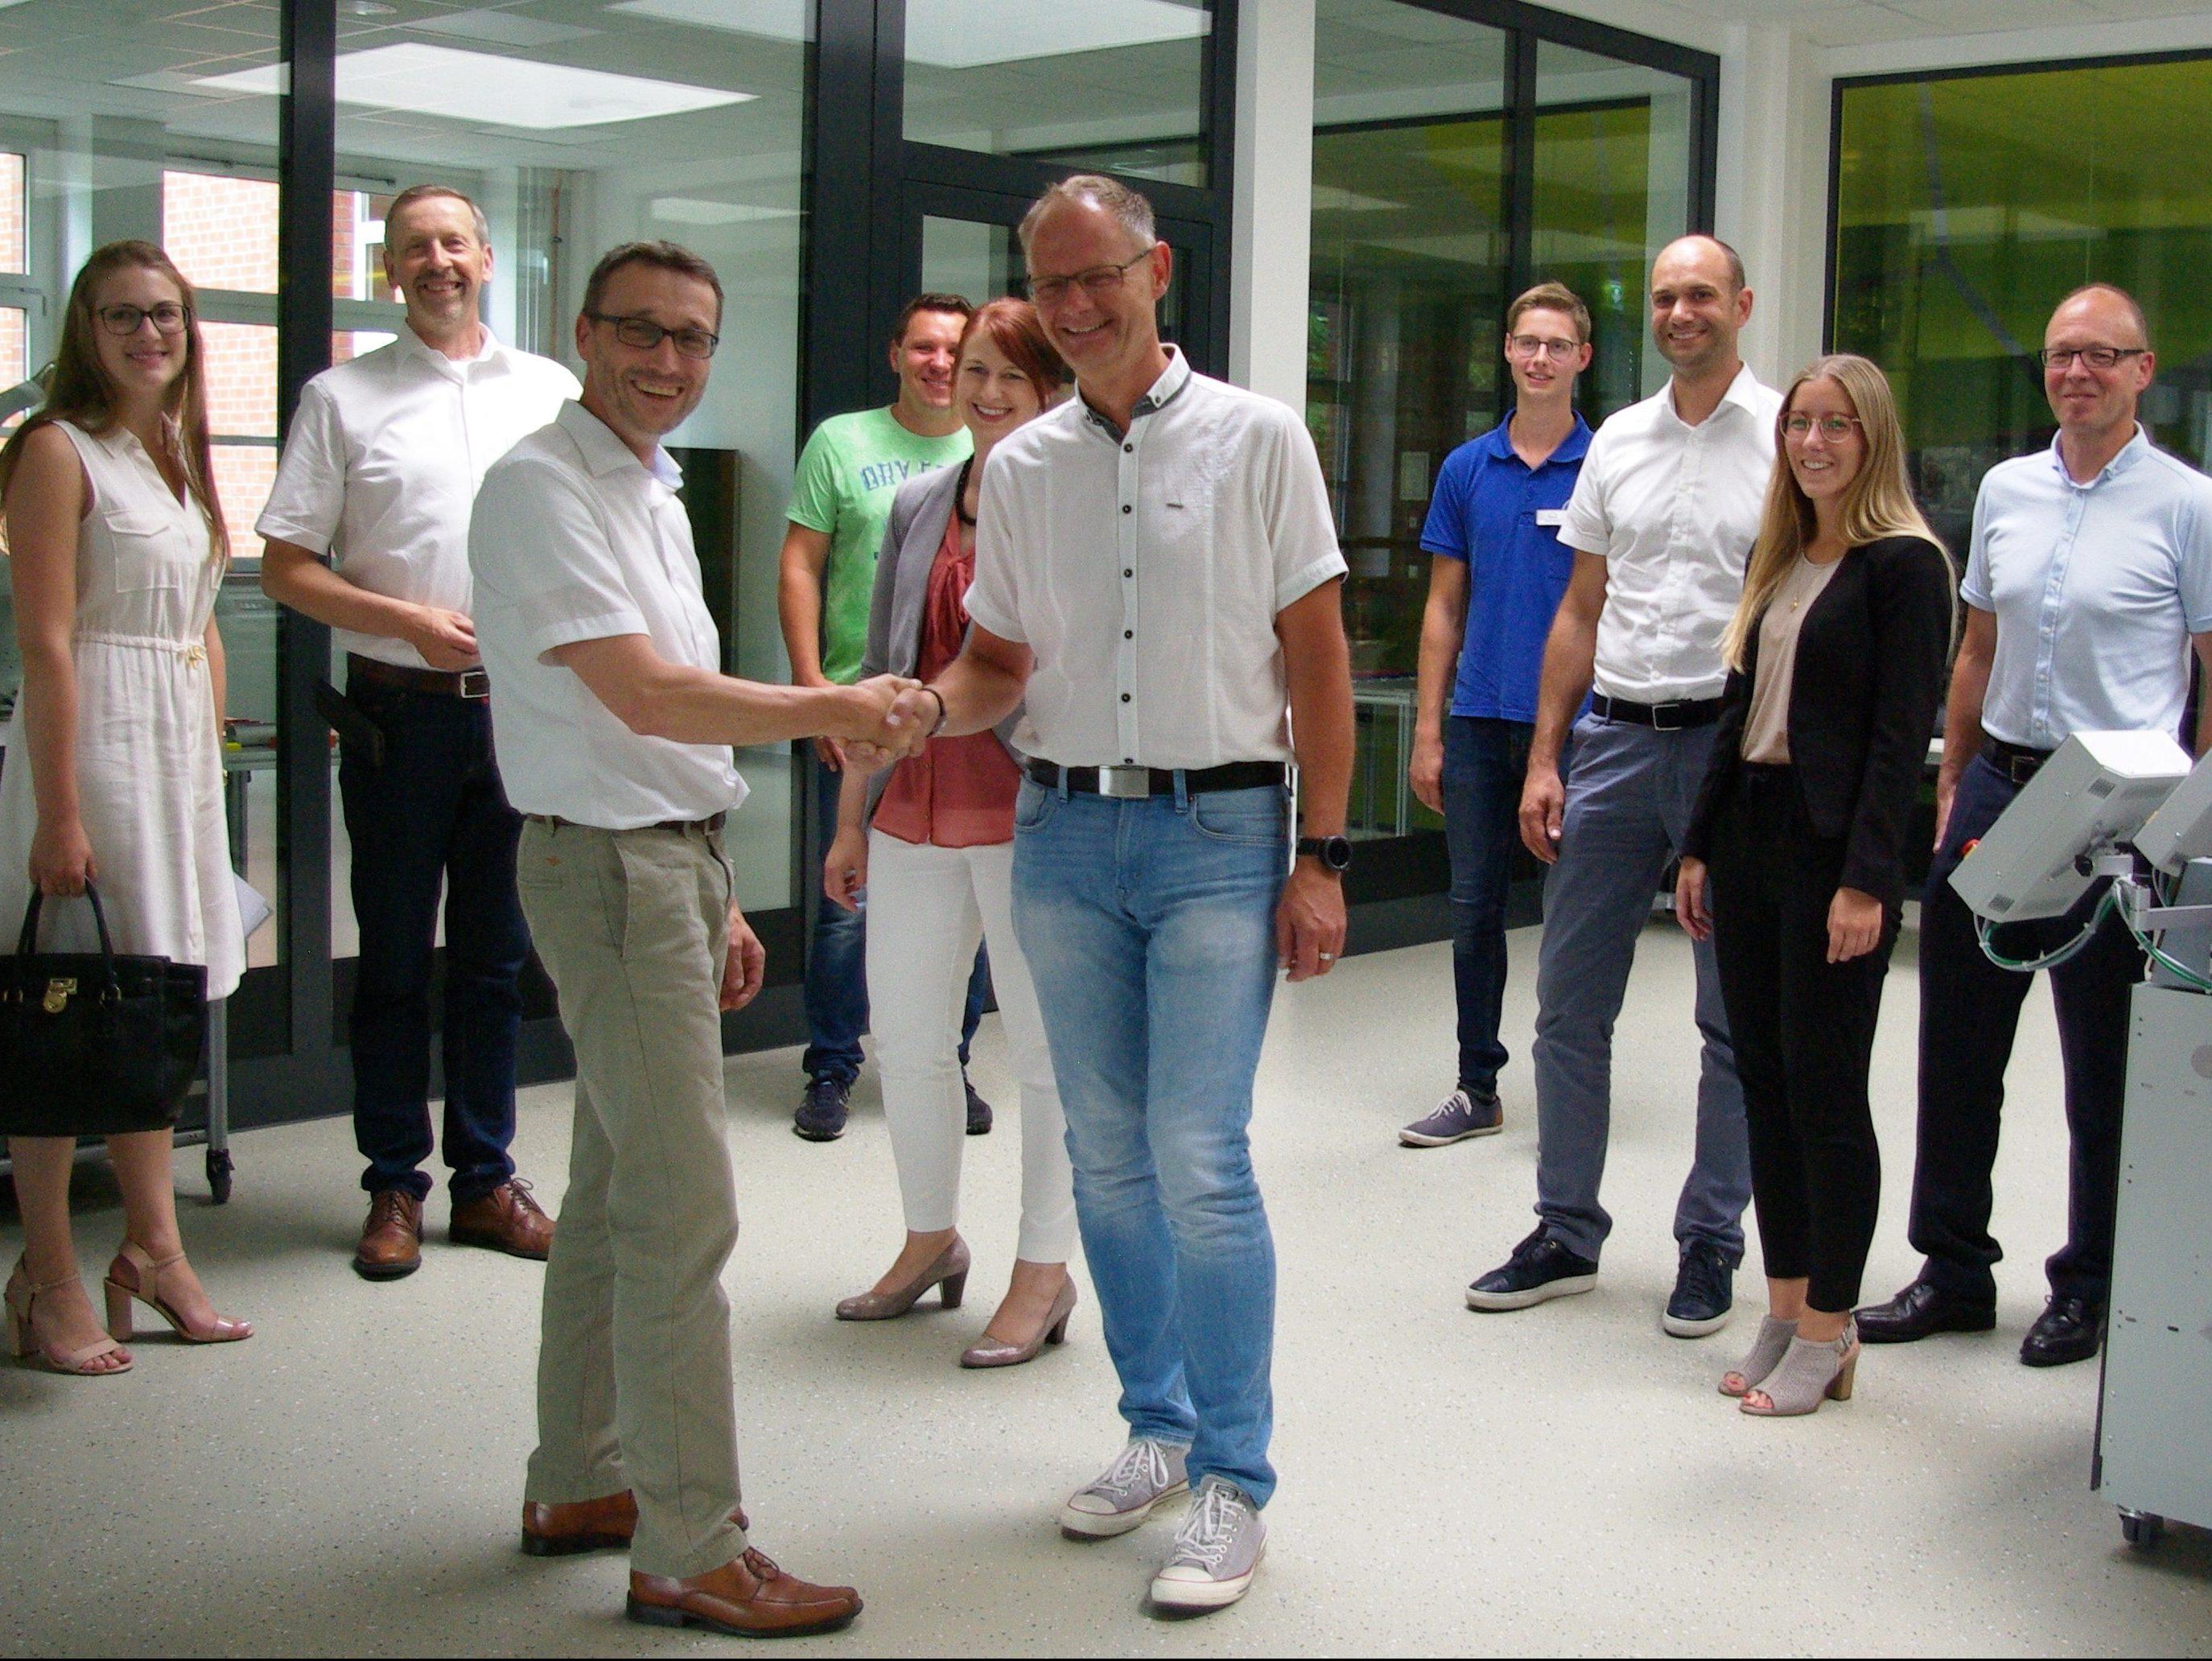 Frank Haacks gratuliert zur erfolgreichen Zusammenarbeit mit dem Berufskolleg Rheine